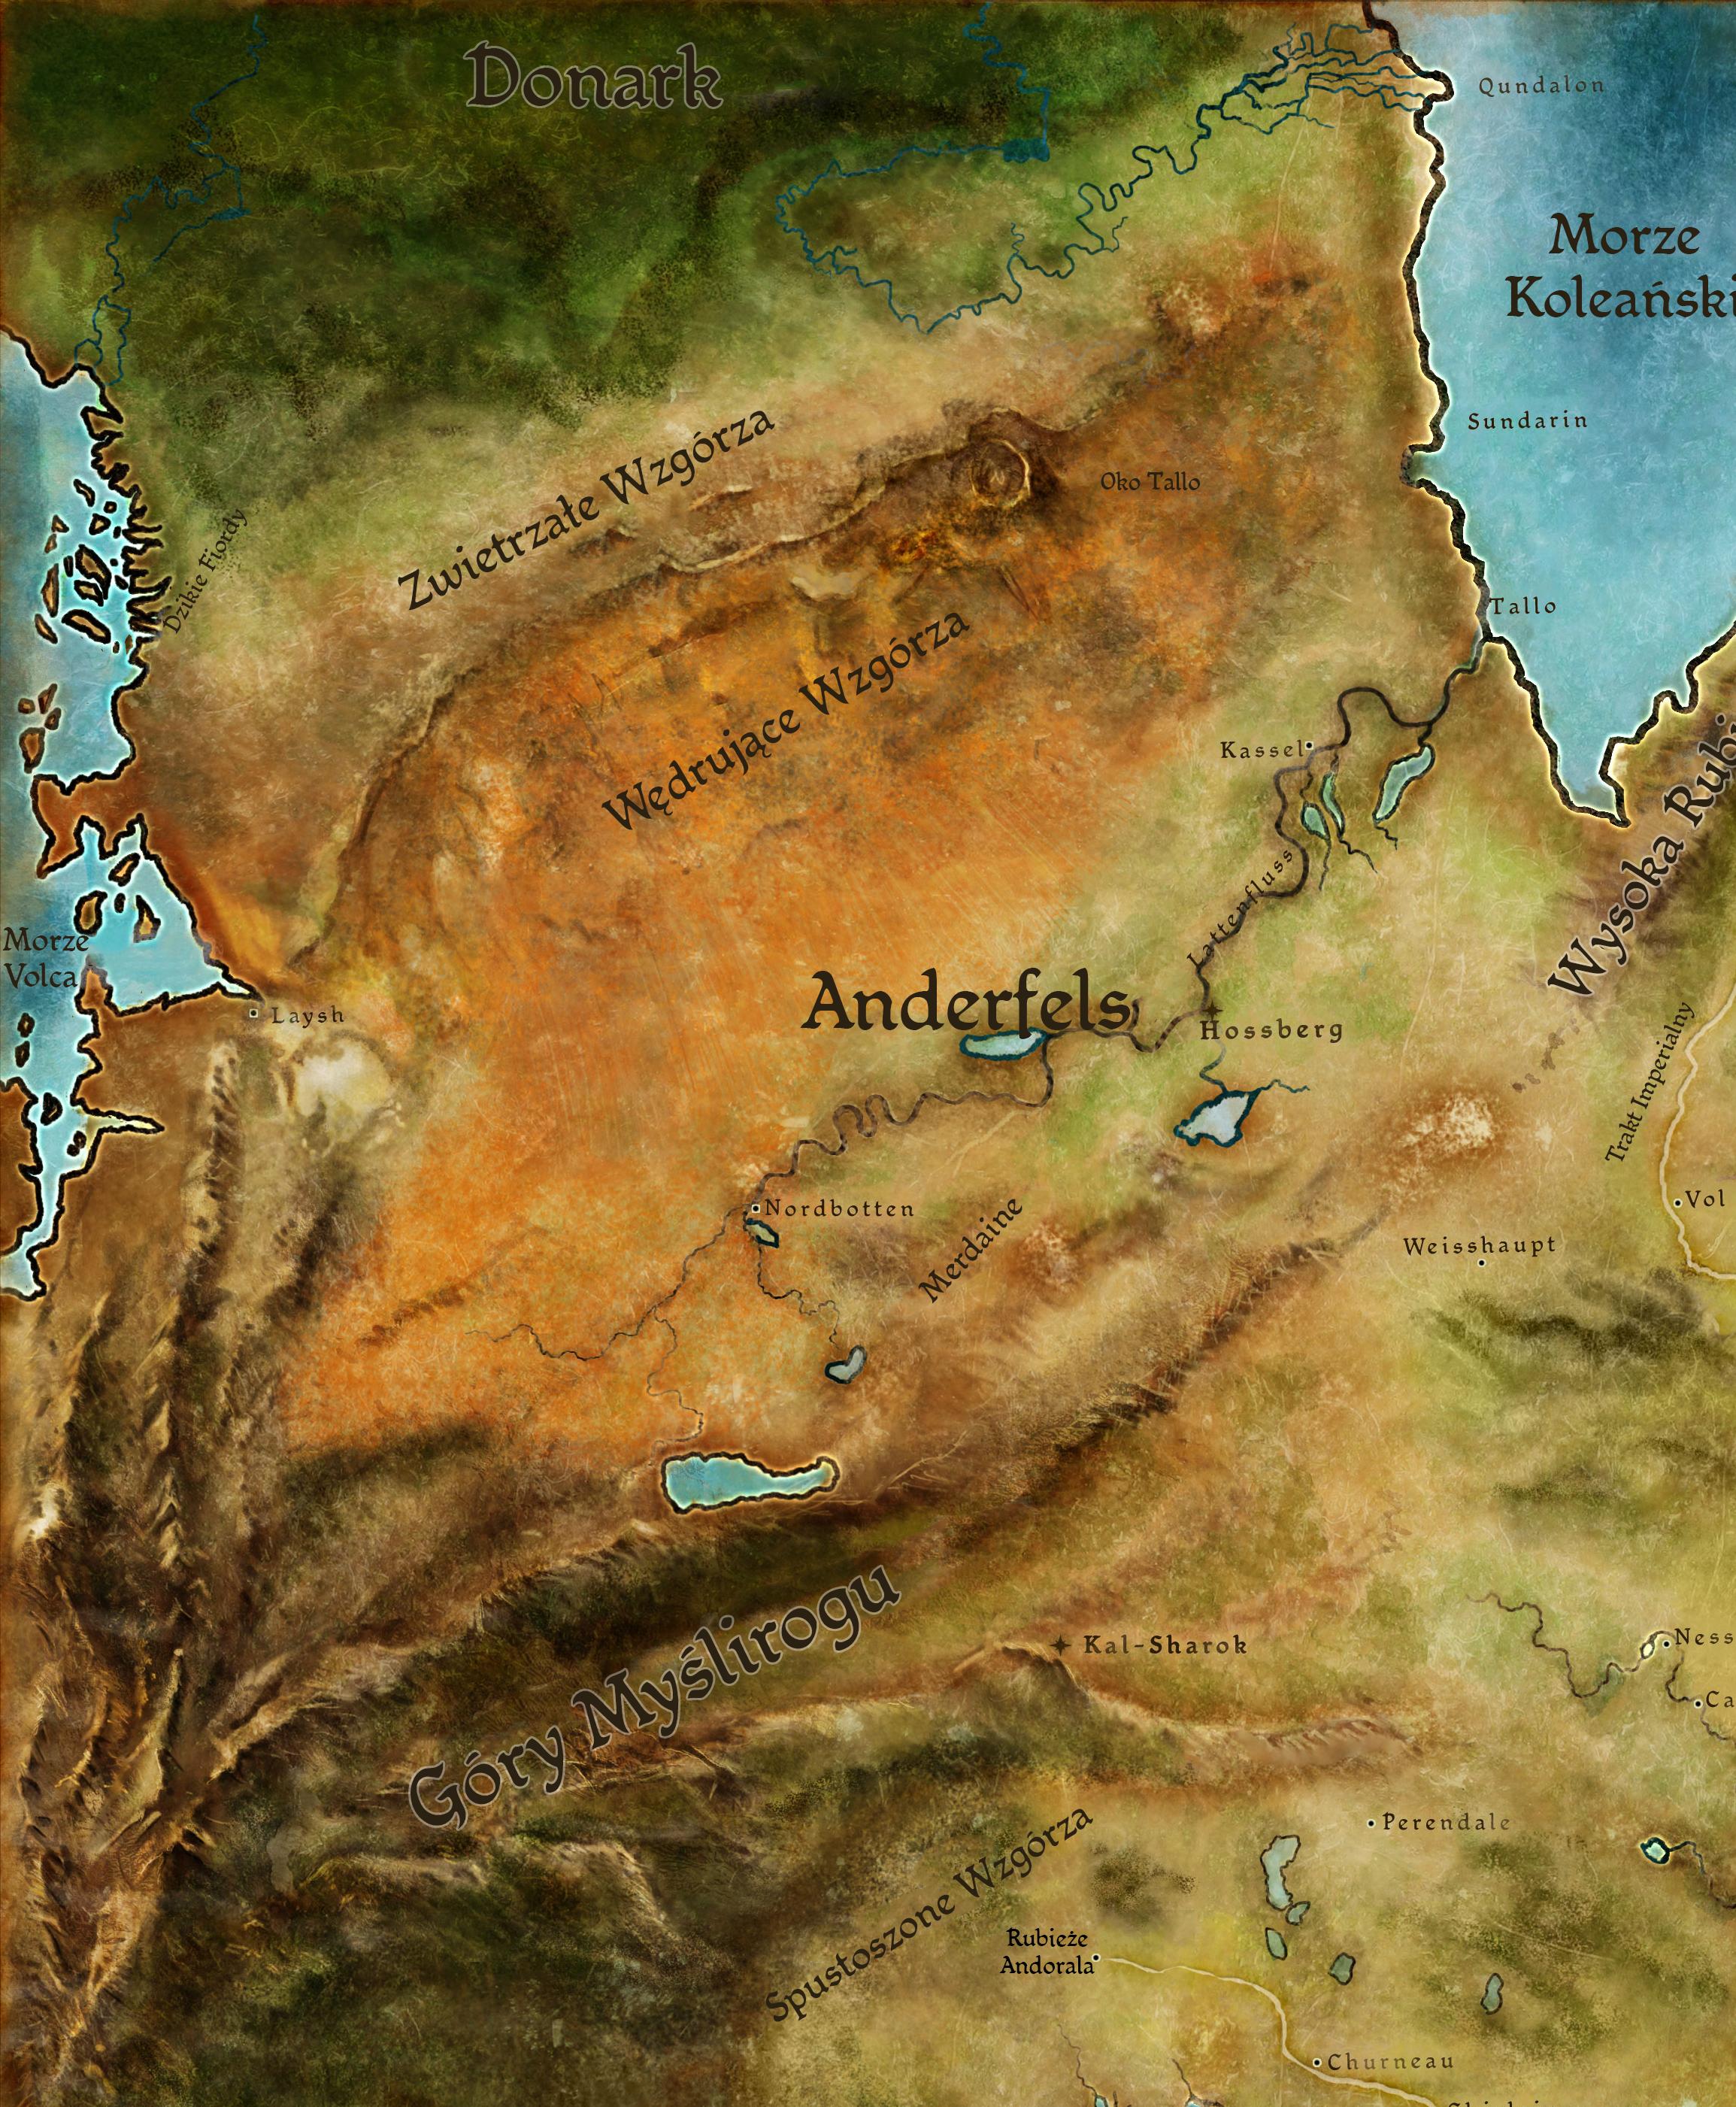 Kodeks: Anderfels